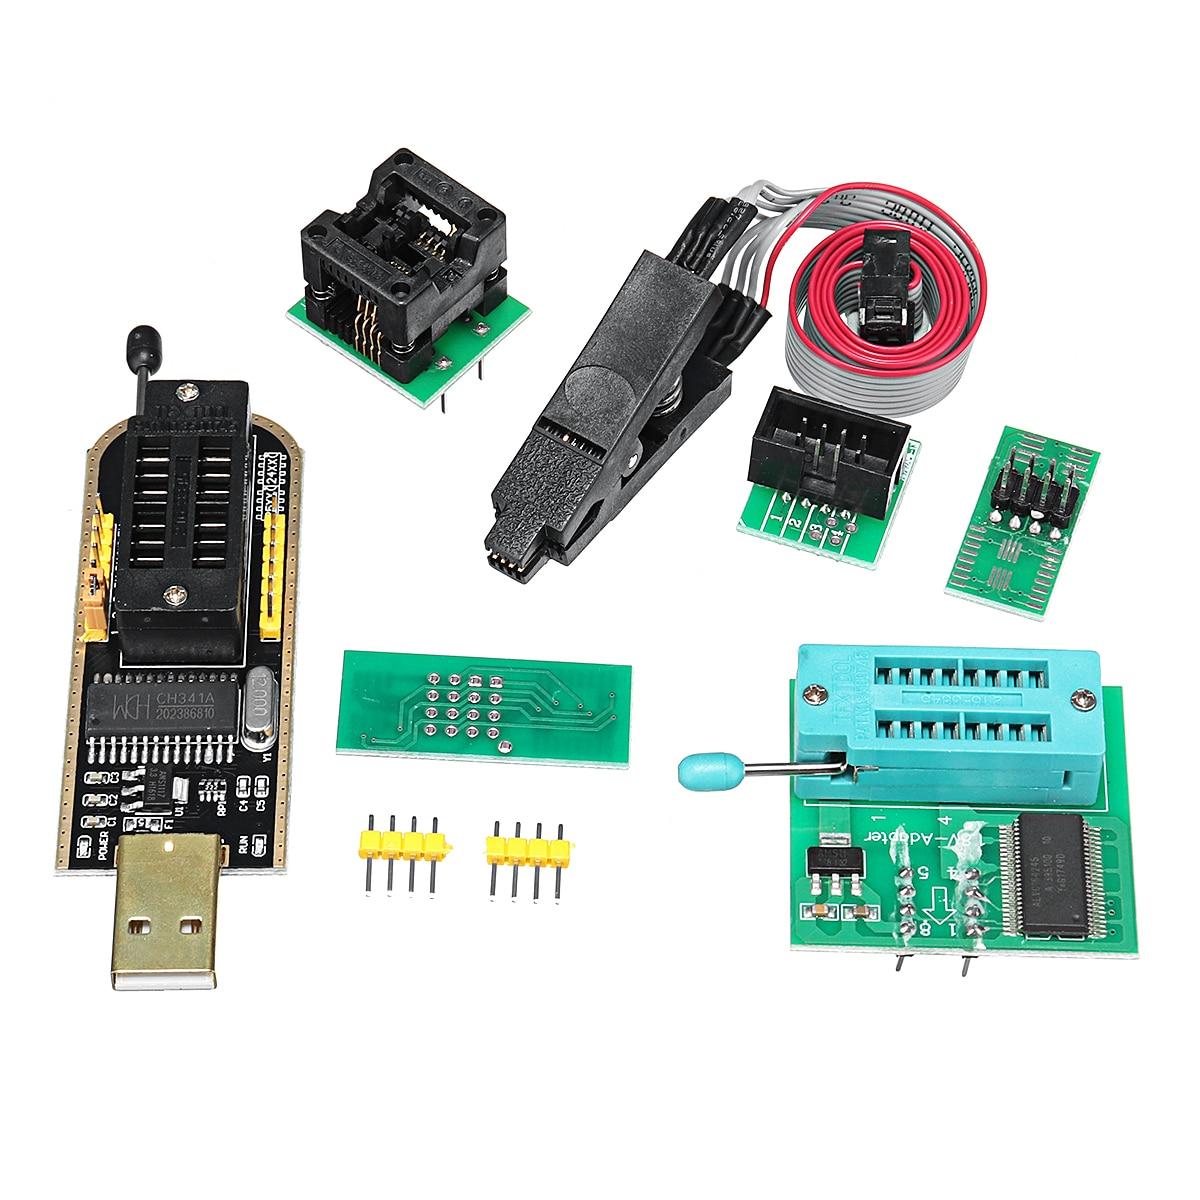 Flash EEPROM BIOS programador USB para CH341A + SOIC8 Clip + 1,8 V Adaptador + SOIC8 adaptador